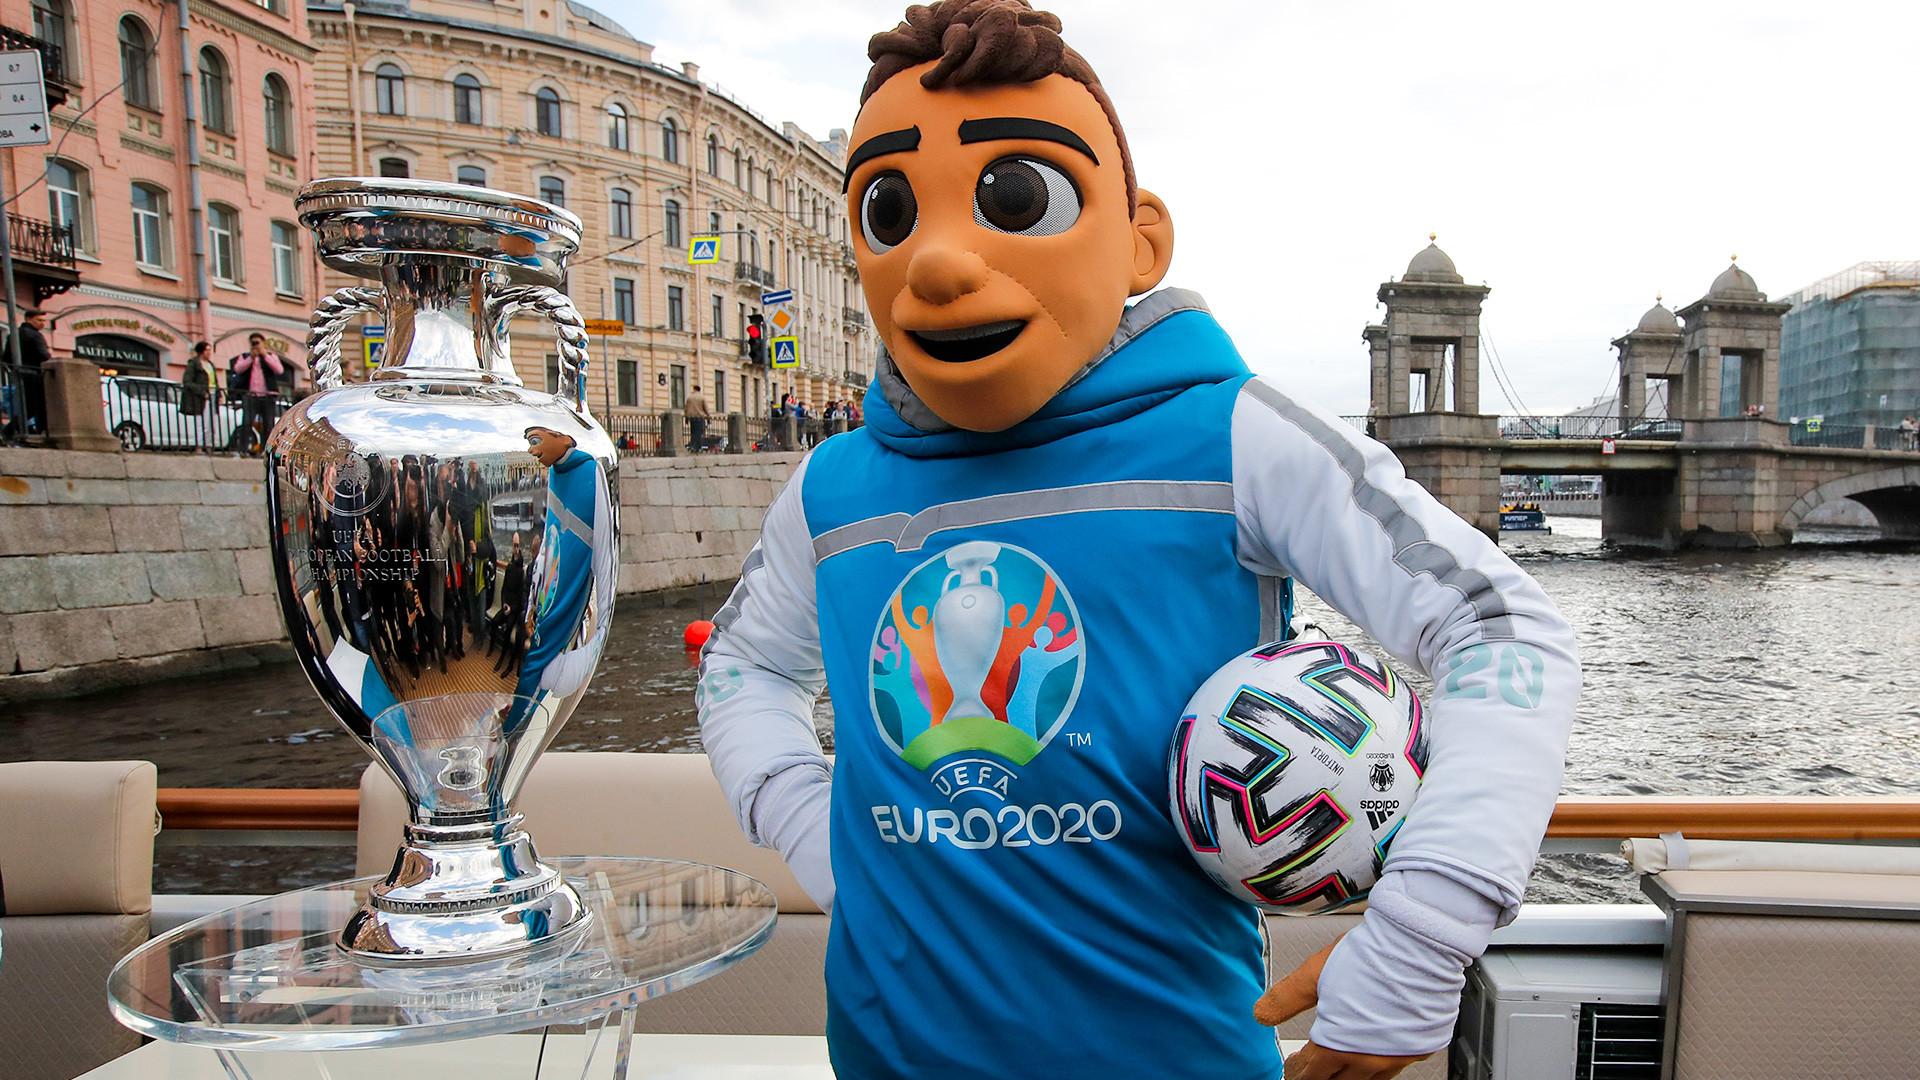 La mascotte di EURO 2020 vicino al fiume Fontanka a San Pietroburgo. 22 maggio 2021